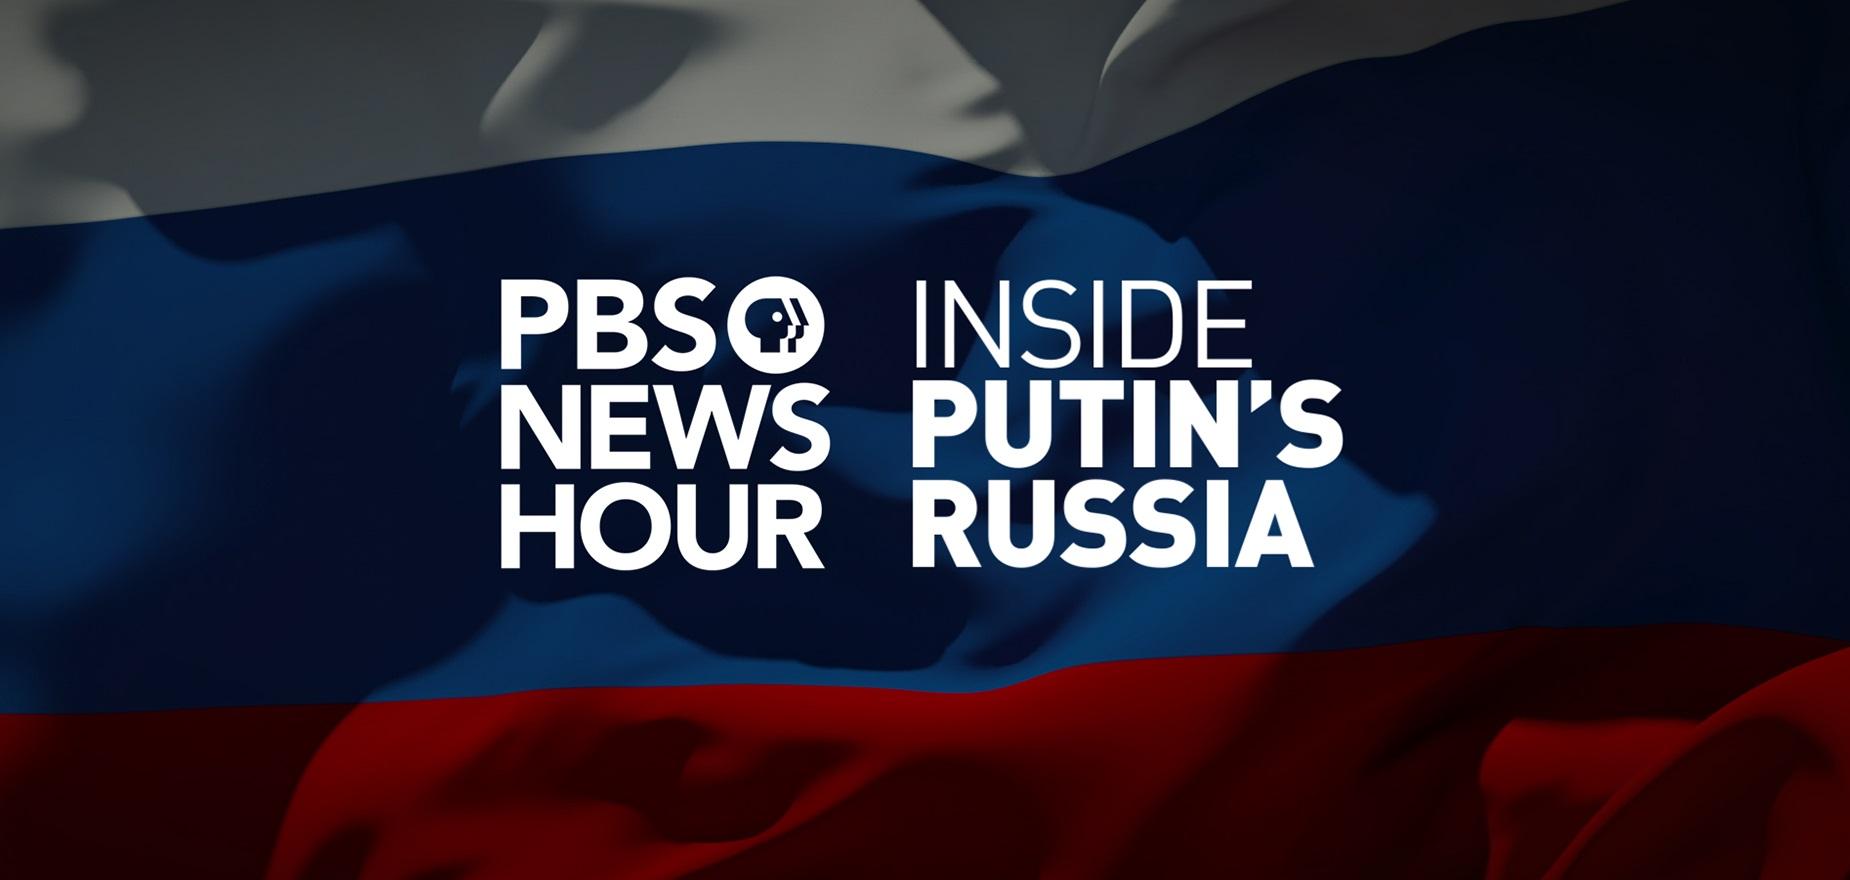 Український журналіст номінований на Peabody Awards за серію репортажів про путінську Росію